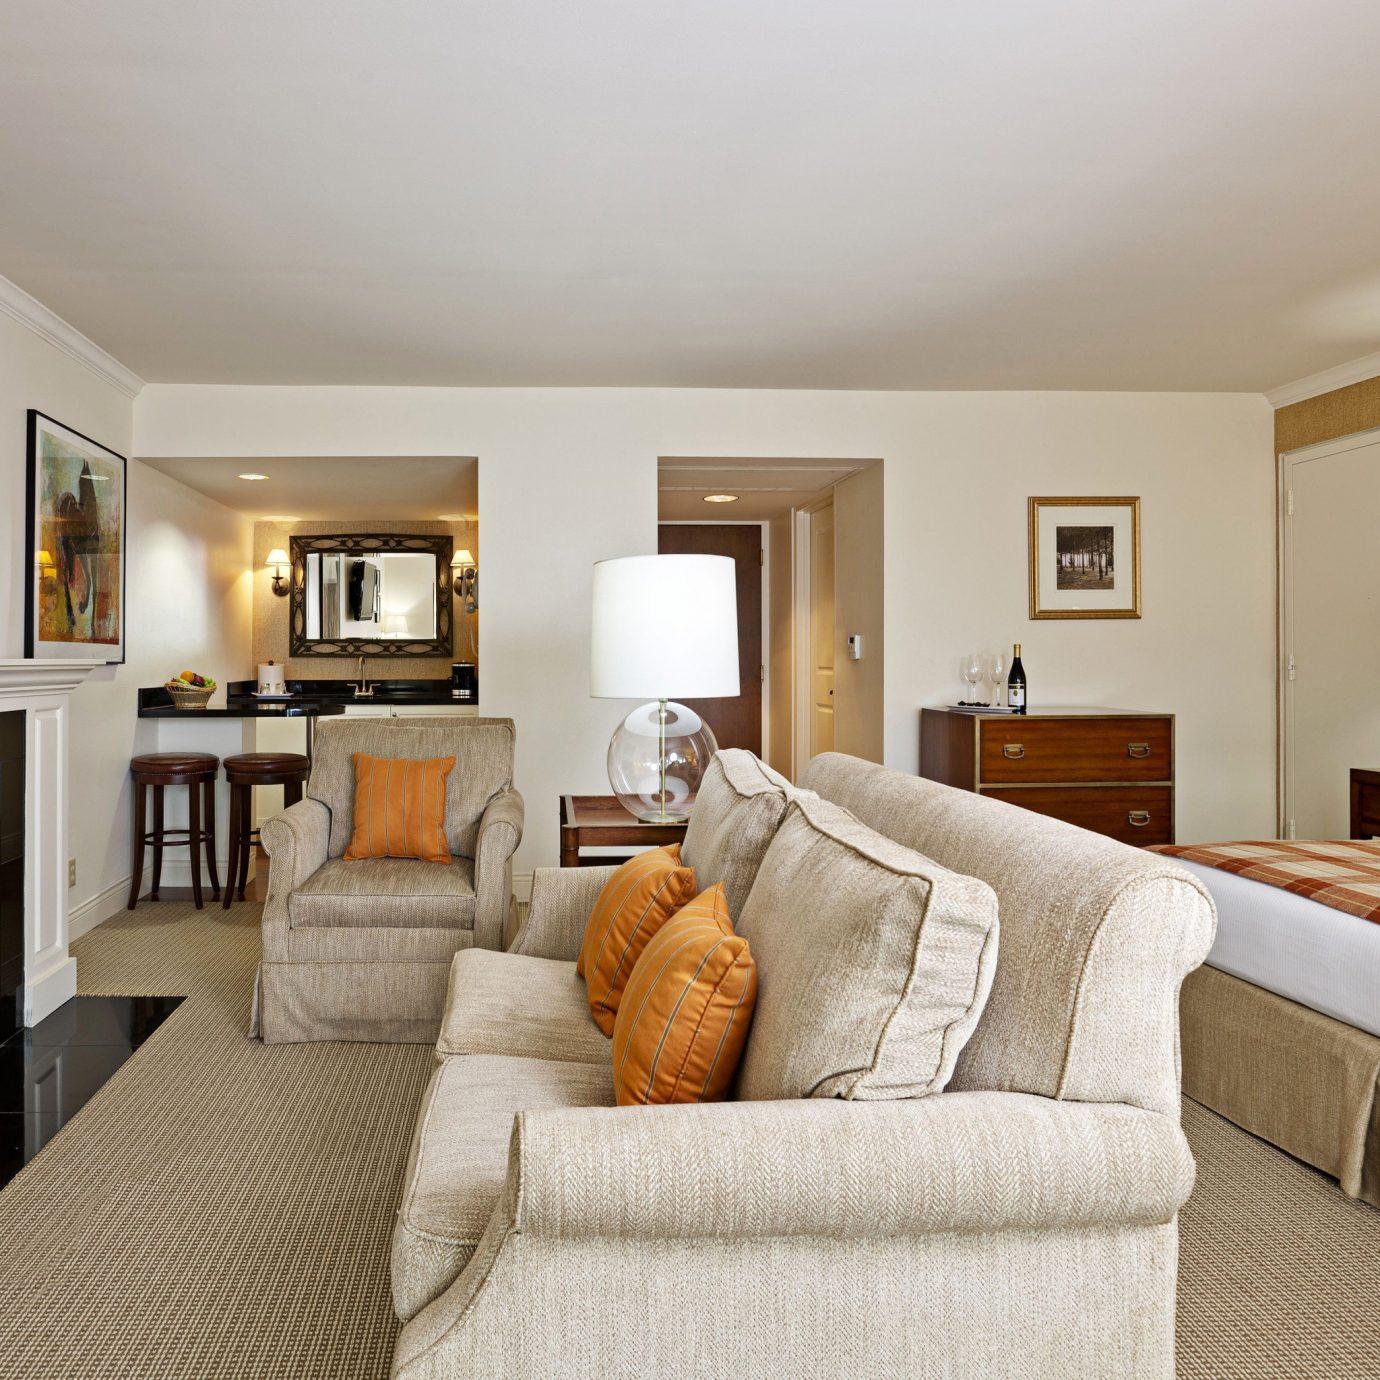 Bedroom Fireplace Resort sofa property living room home Suite cottage hardwood Villa flat